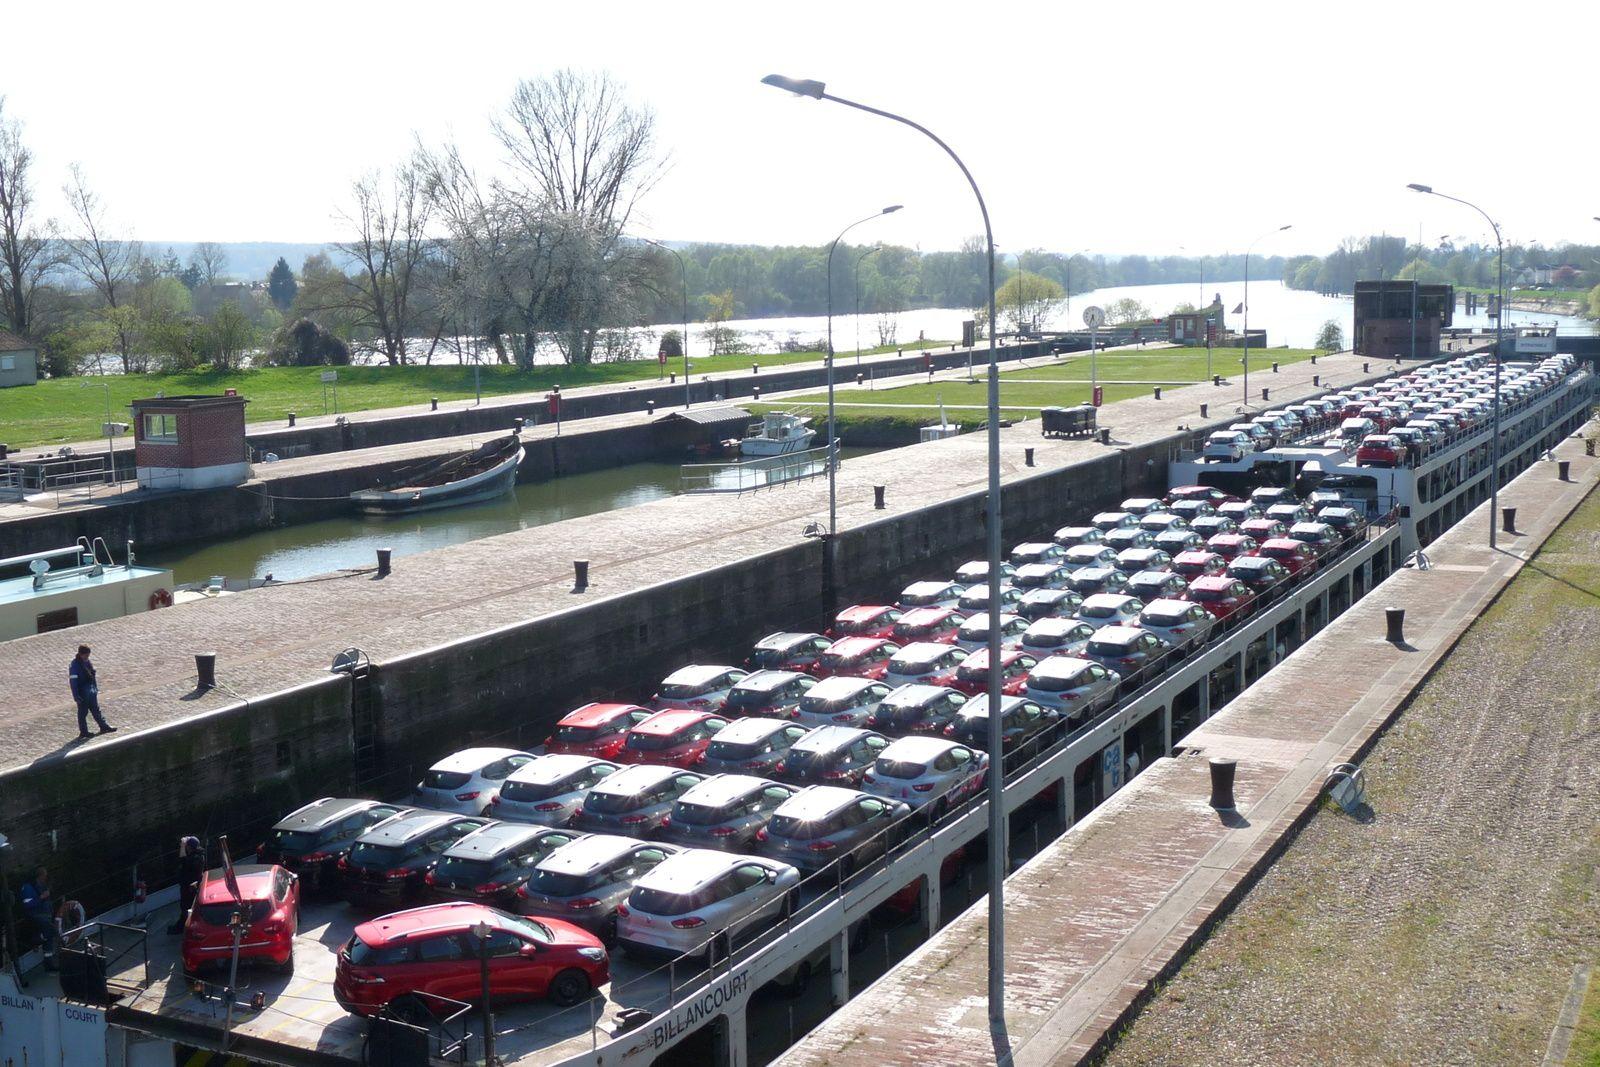 Vues sur les écluses et le barrage de Poses où transite toujours une activité économique, ici clairement tournée vers le transport autoroutier (clichés Armand Launay, juillet 2016).